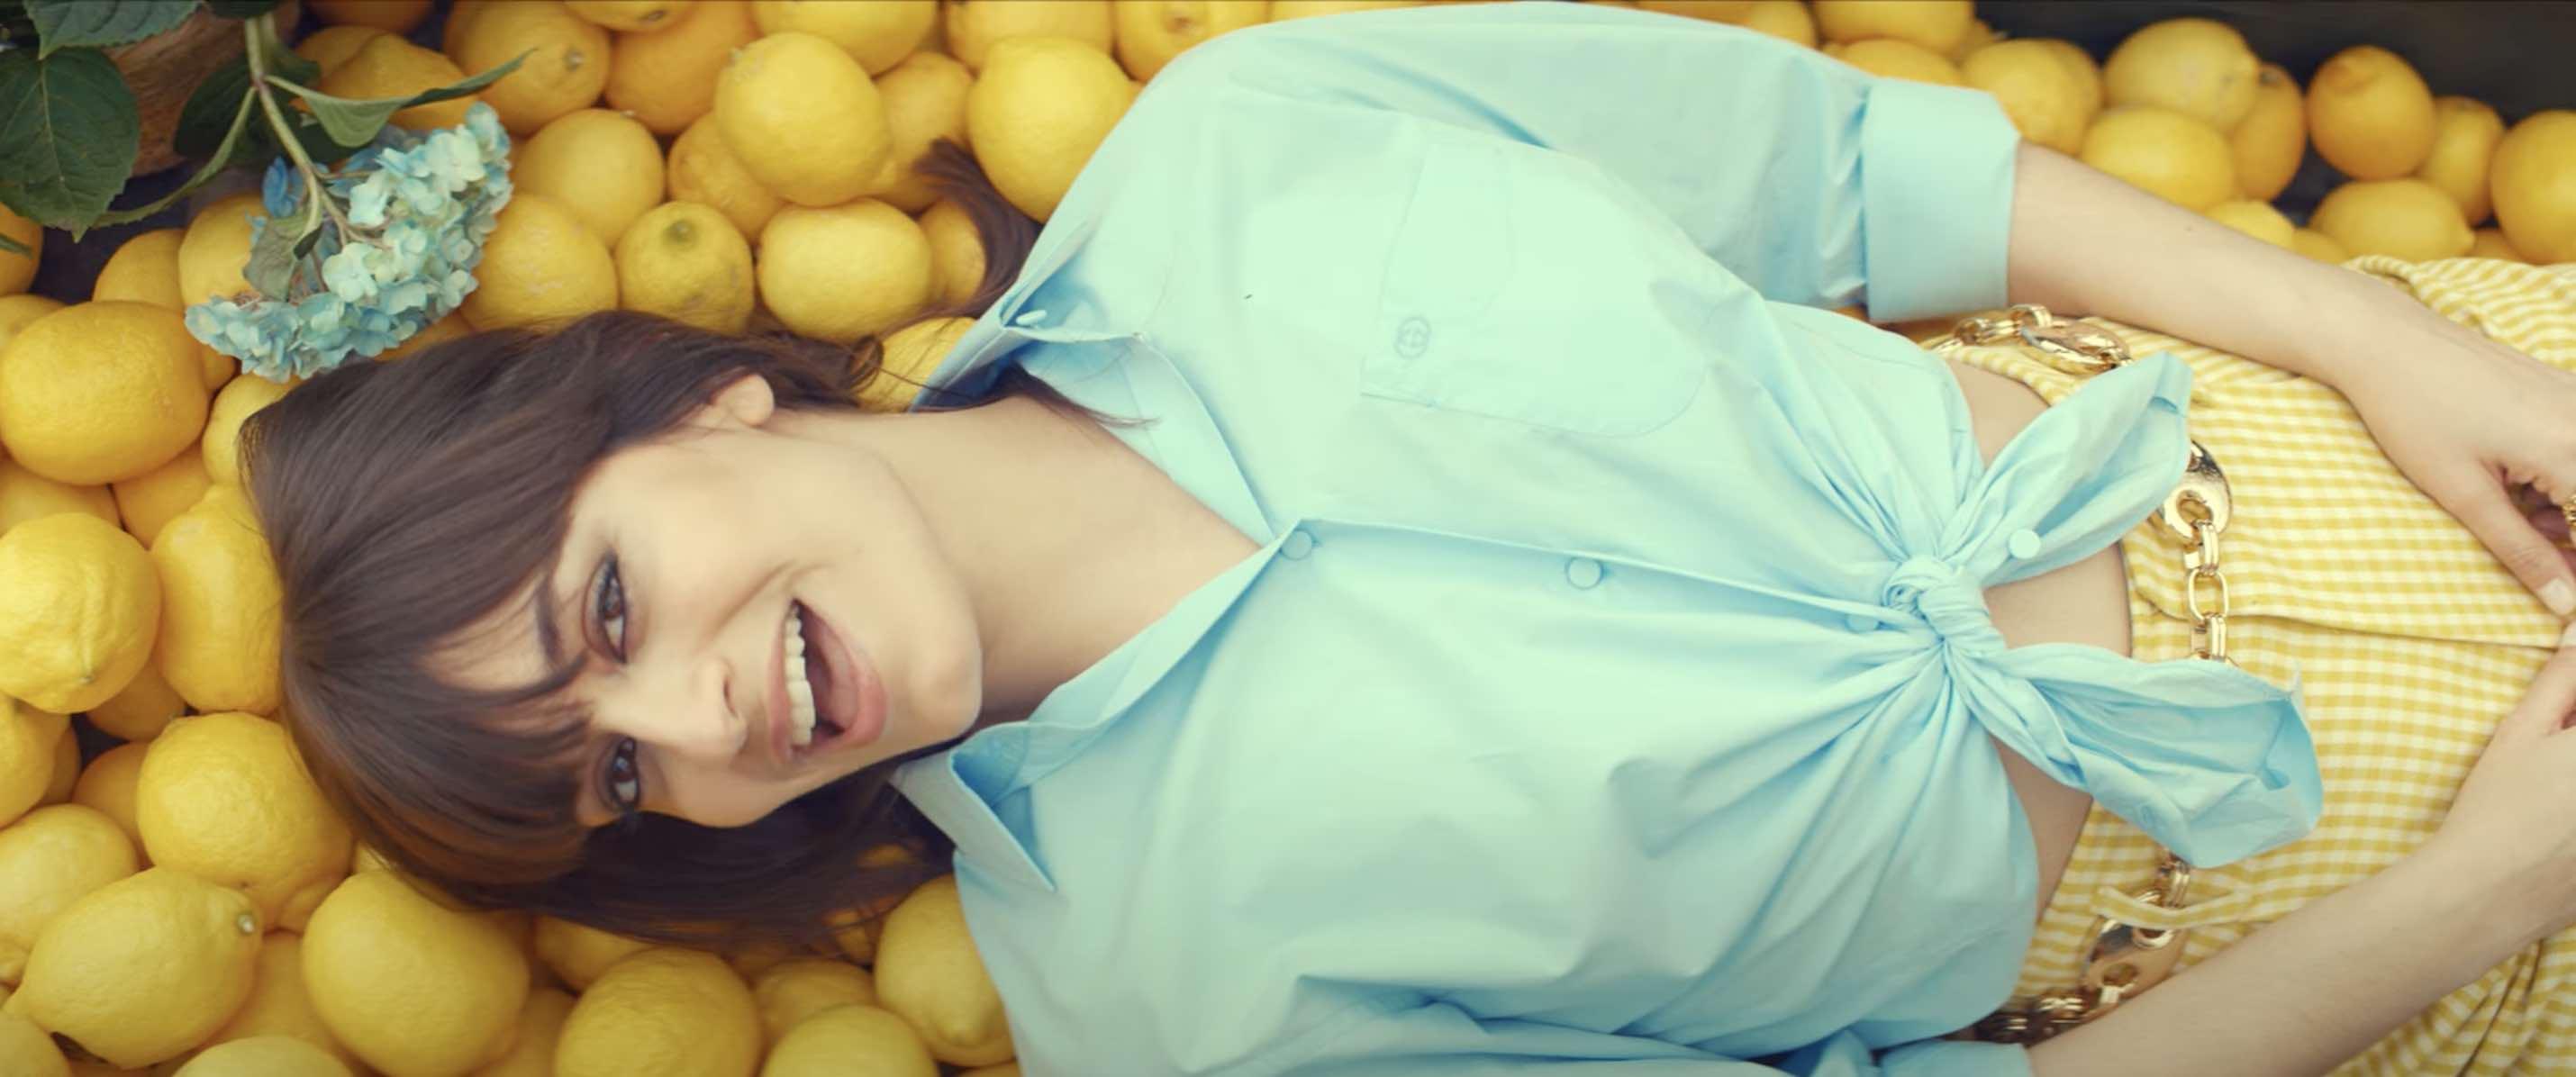 Clara Luciani - Le reste - retour - deuxième album - Coeur -